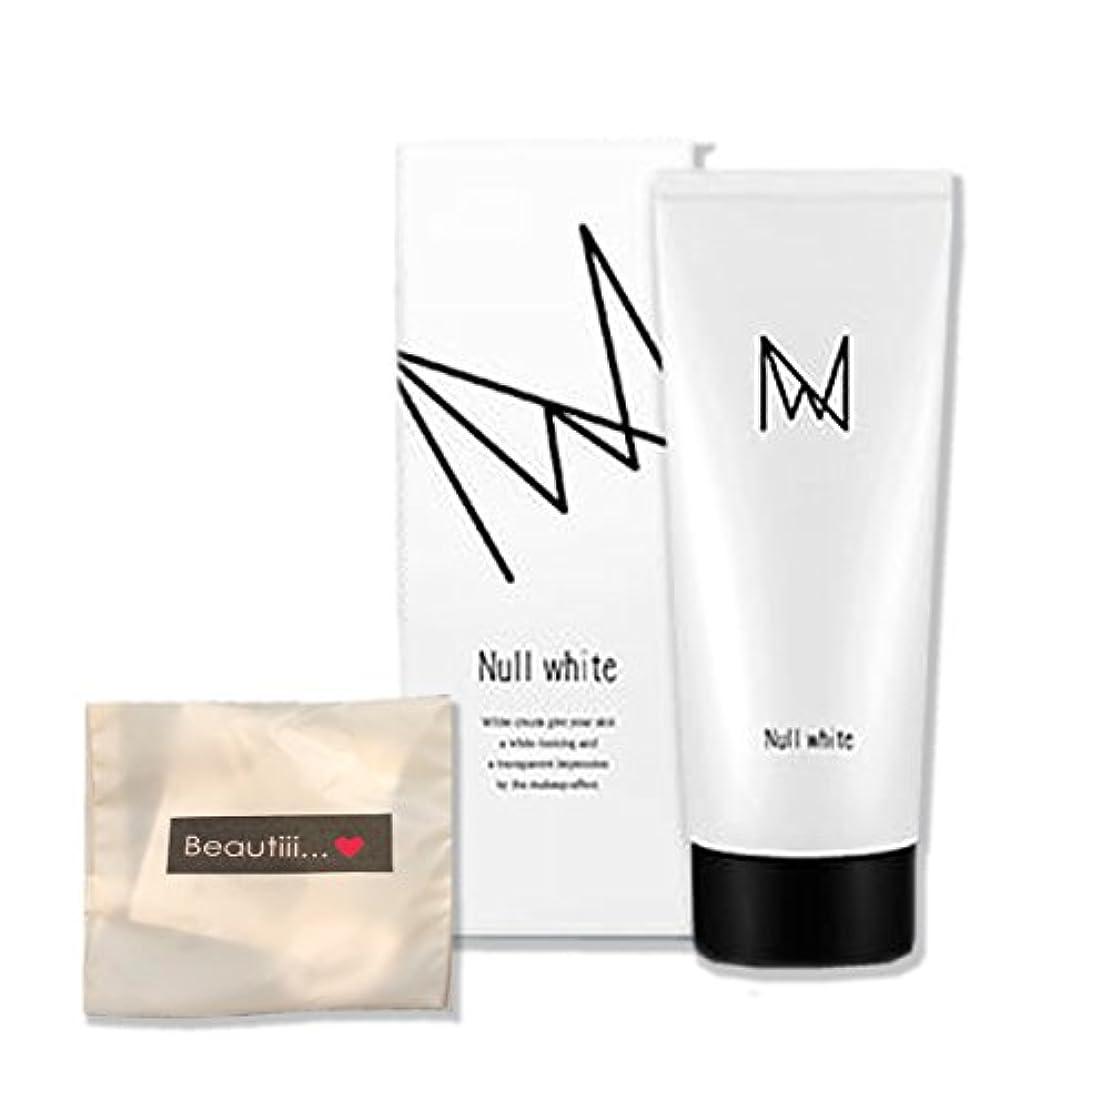 メニューに沿って洗剤Beautiiiセット & ヌルホワイト 100g ホワイトパック SNSで話題!!大人気